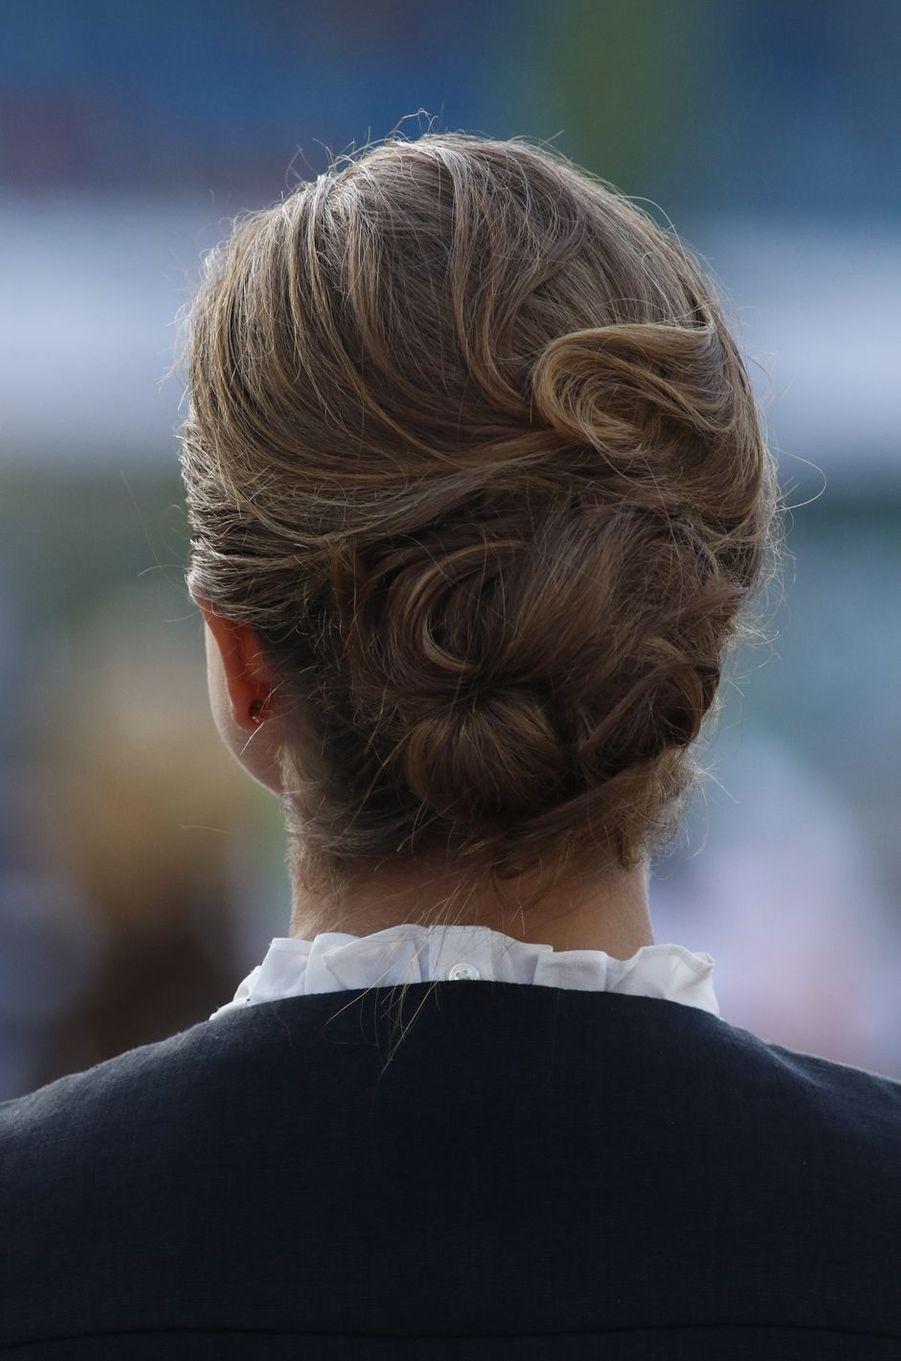 Le chignon de la princesse Madeleine de Suède à Göteborg, le 21 août 2017